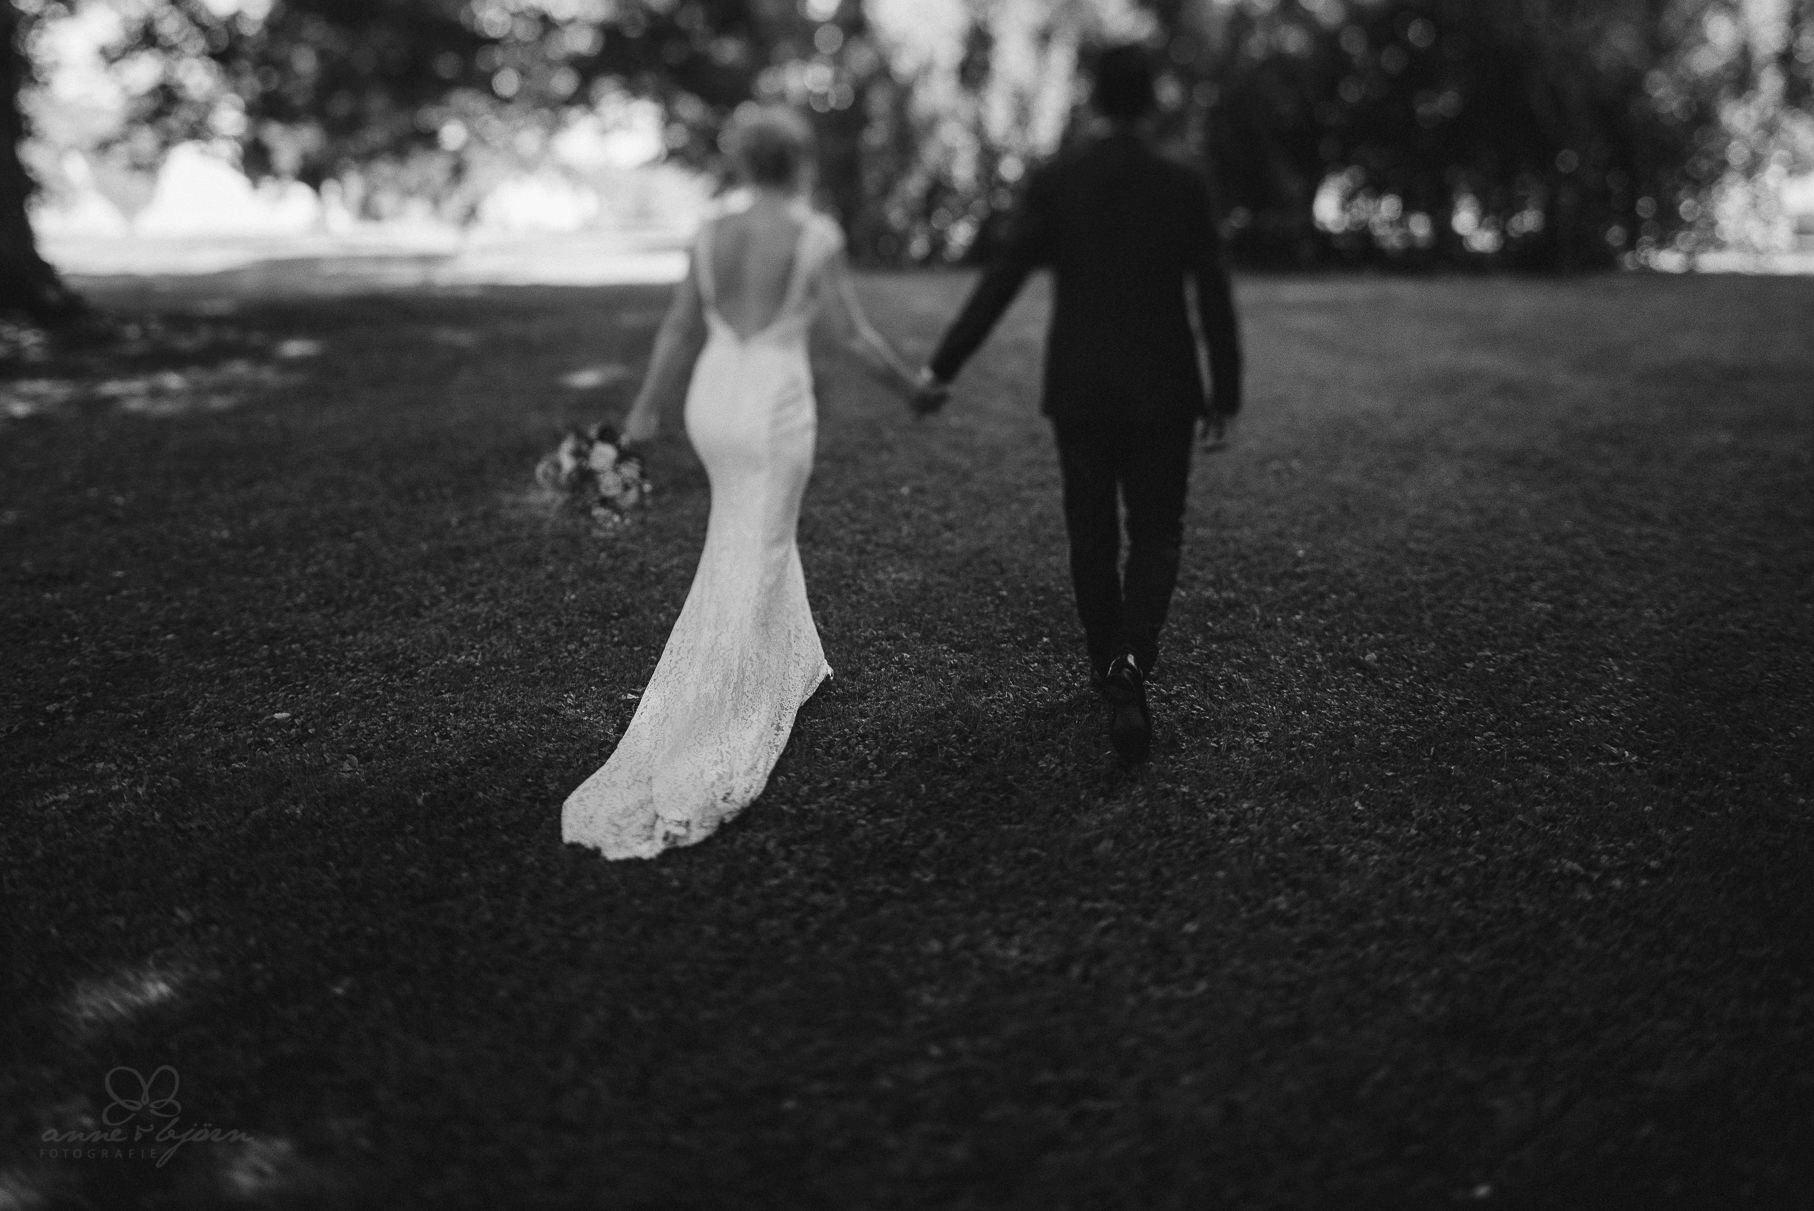 0084 anne und bjoern hochzeit schweiz d75 1125 - DIY Hochzeit in der Schweiz - Sabrina & Christoph